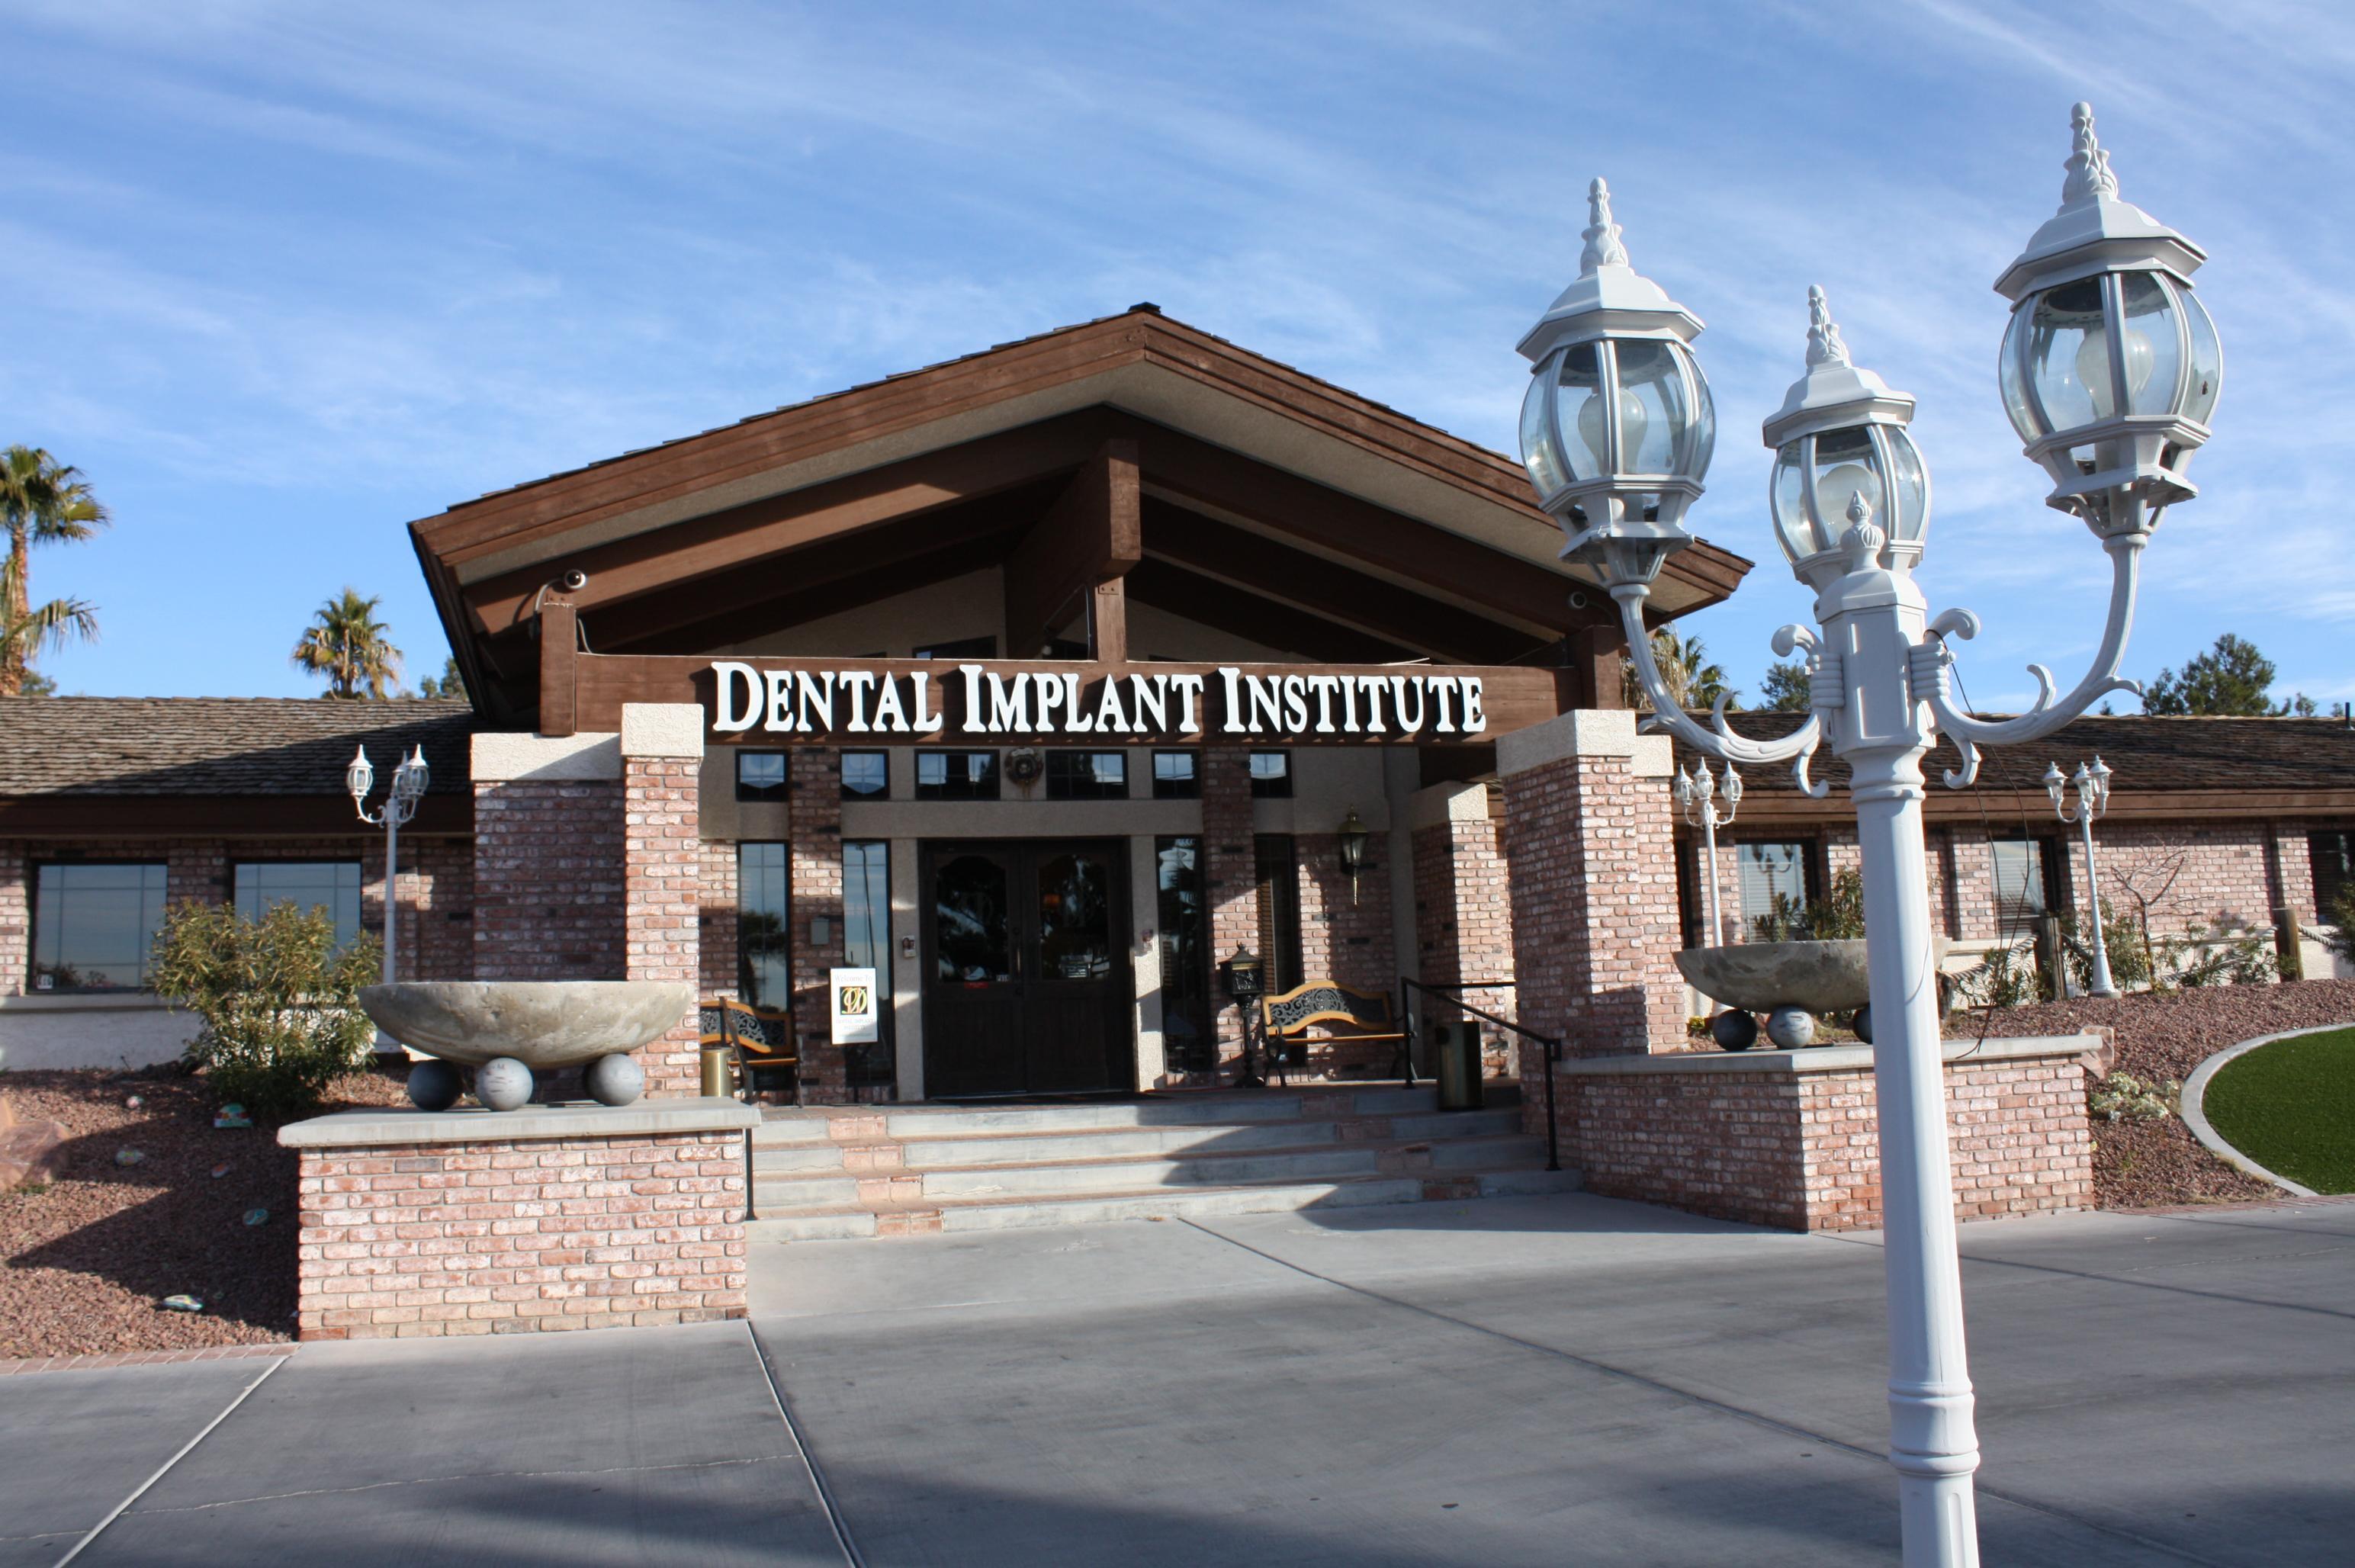 Dental Implant Institute